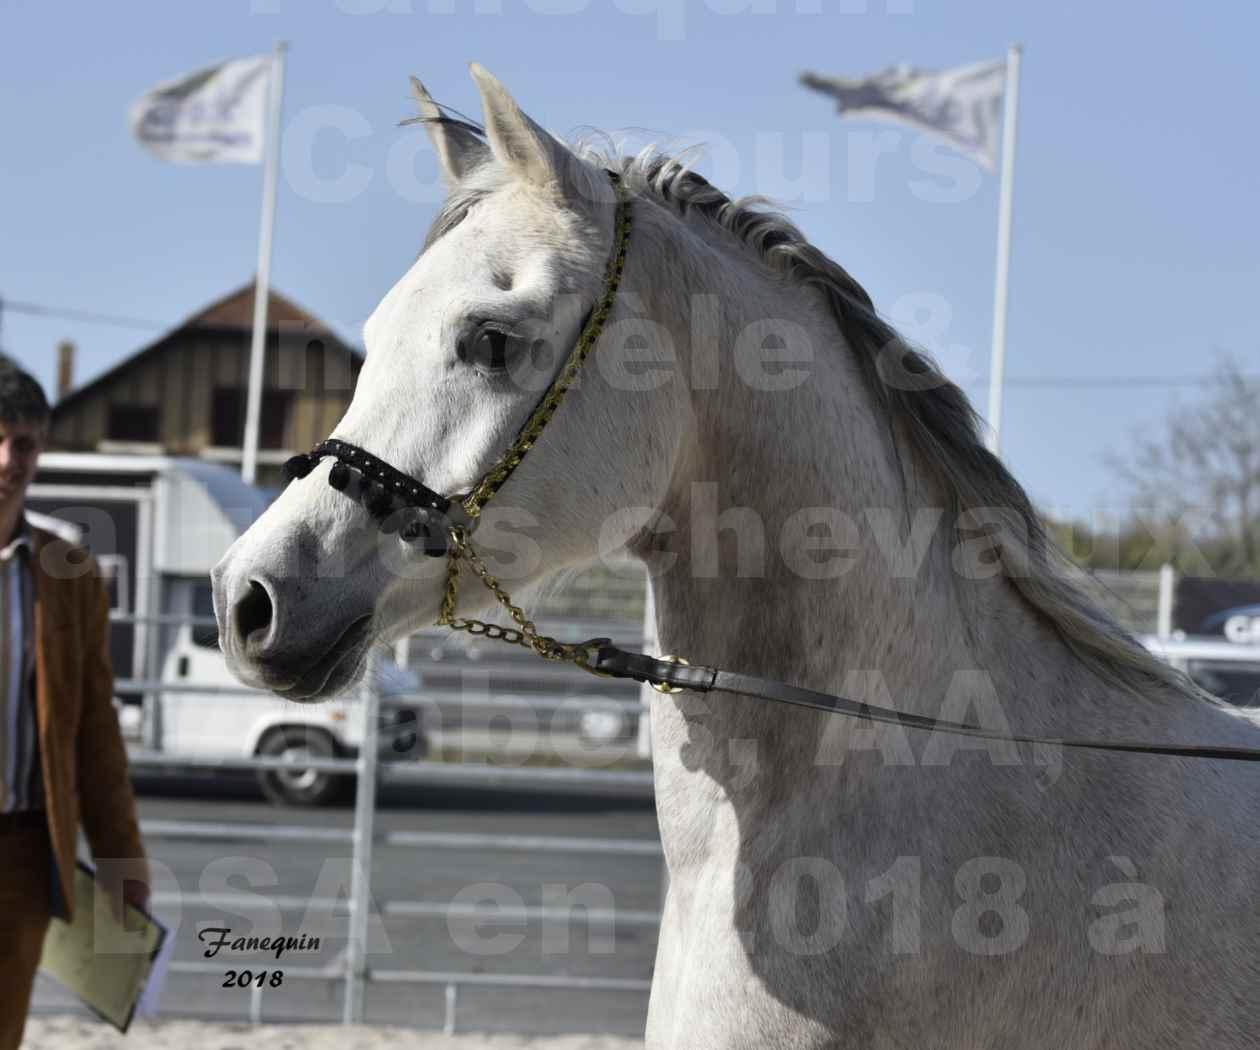 Concours d'élevage de Chevaux Arabes - Demi Sang Arabes - Anglo Arabes - ALBI les 6 & 7 Avril 2018 - NAÏM DE L'OLIVIER - Notre Sélection - Portraits - 1